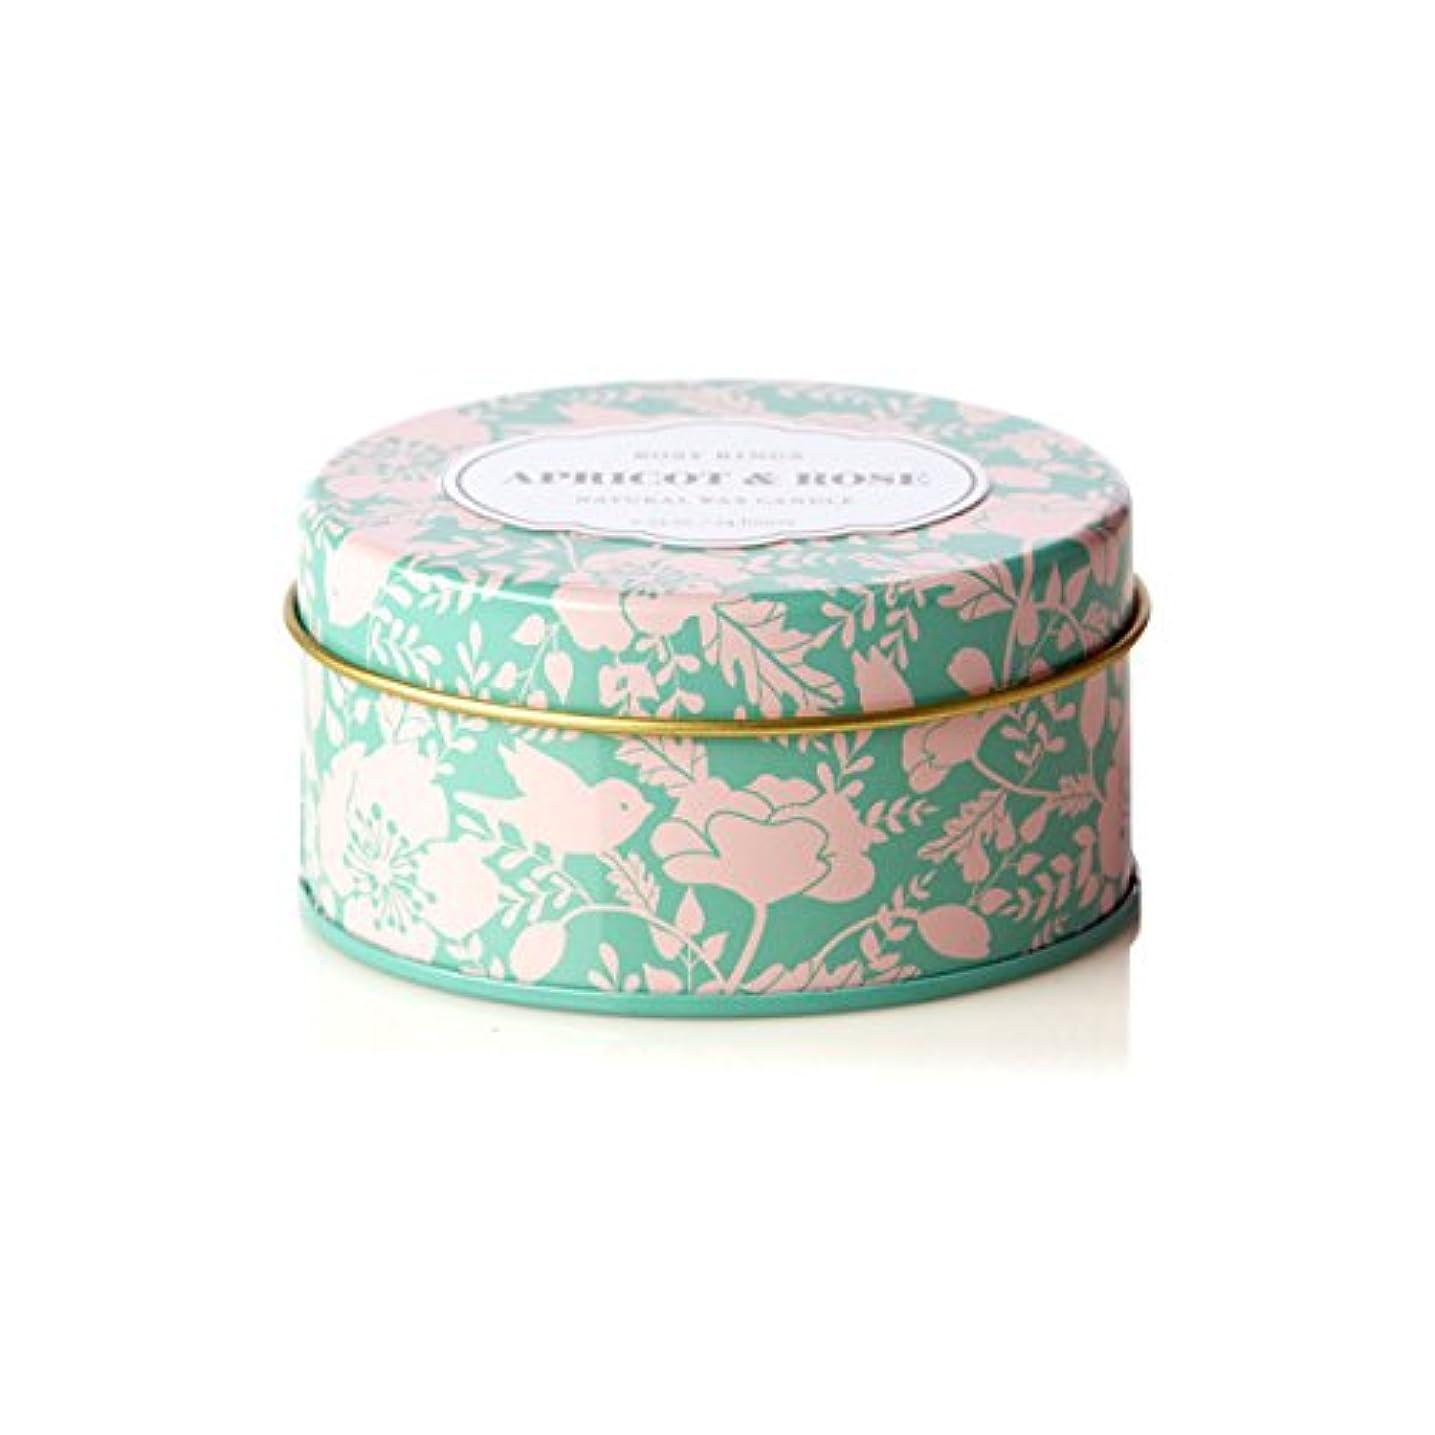 火山高潔なベリーロージーリングス トラベルティンキャンドル アプリコット&ローズ ROSY RINGS Apricot Rose Travel Tin